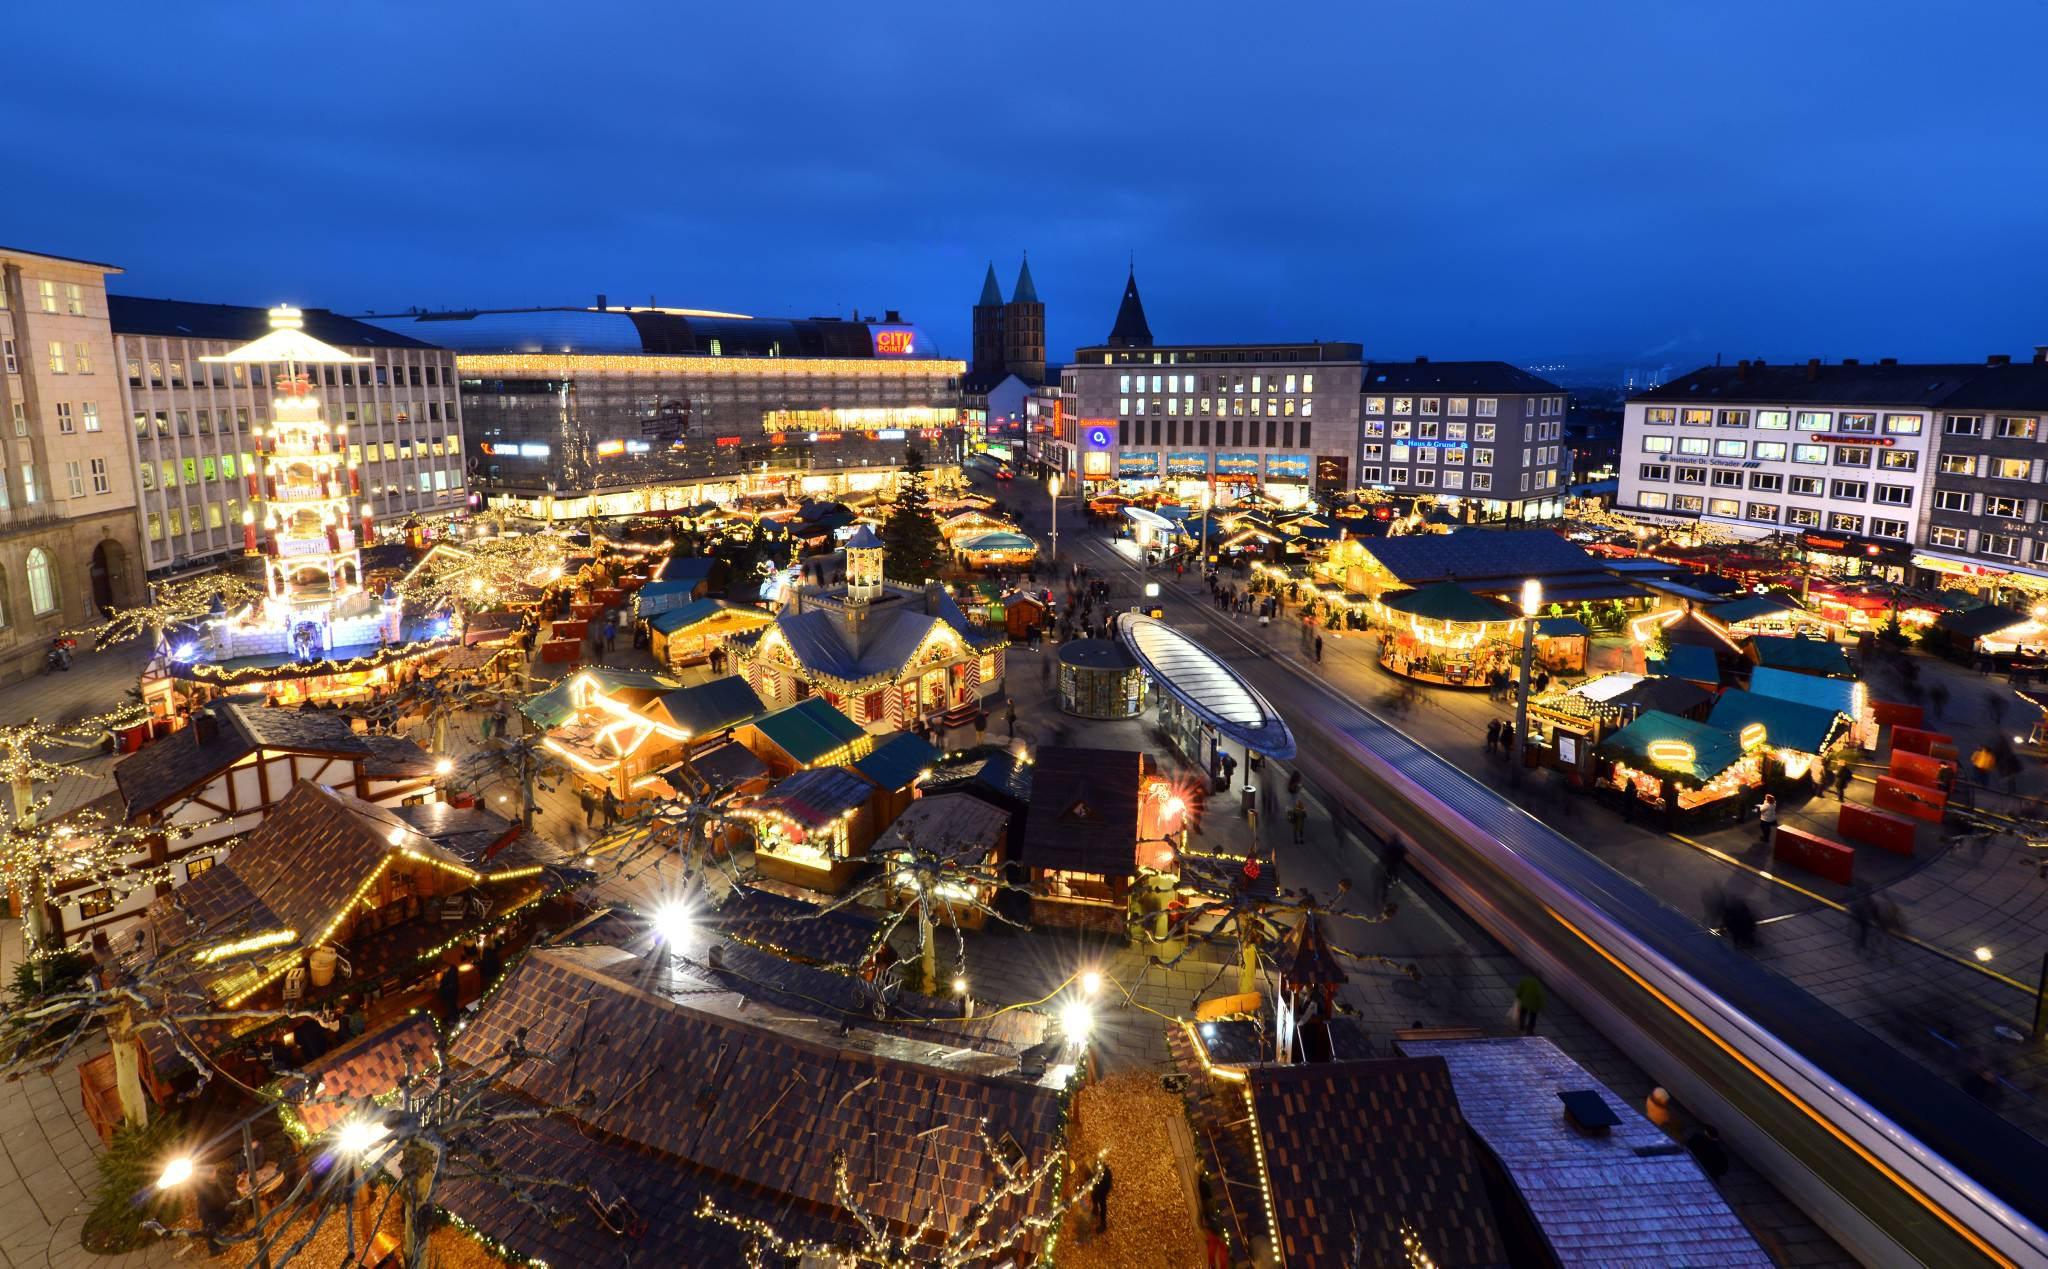 Dagobertshausen Weihnachtsmarkt.Weihnachtsmarkt Kassel Göttingen Und Umgebung Alle Infos In